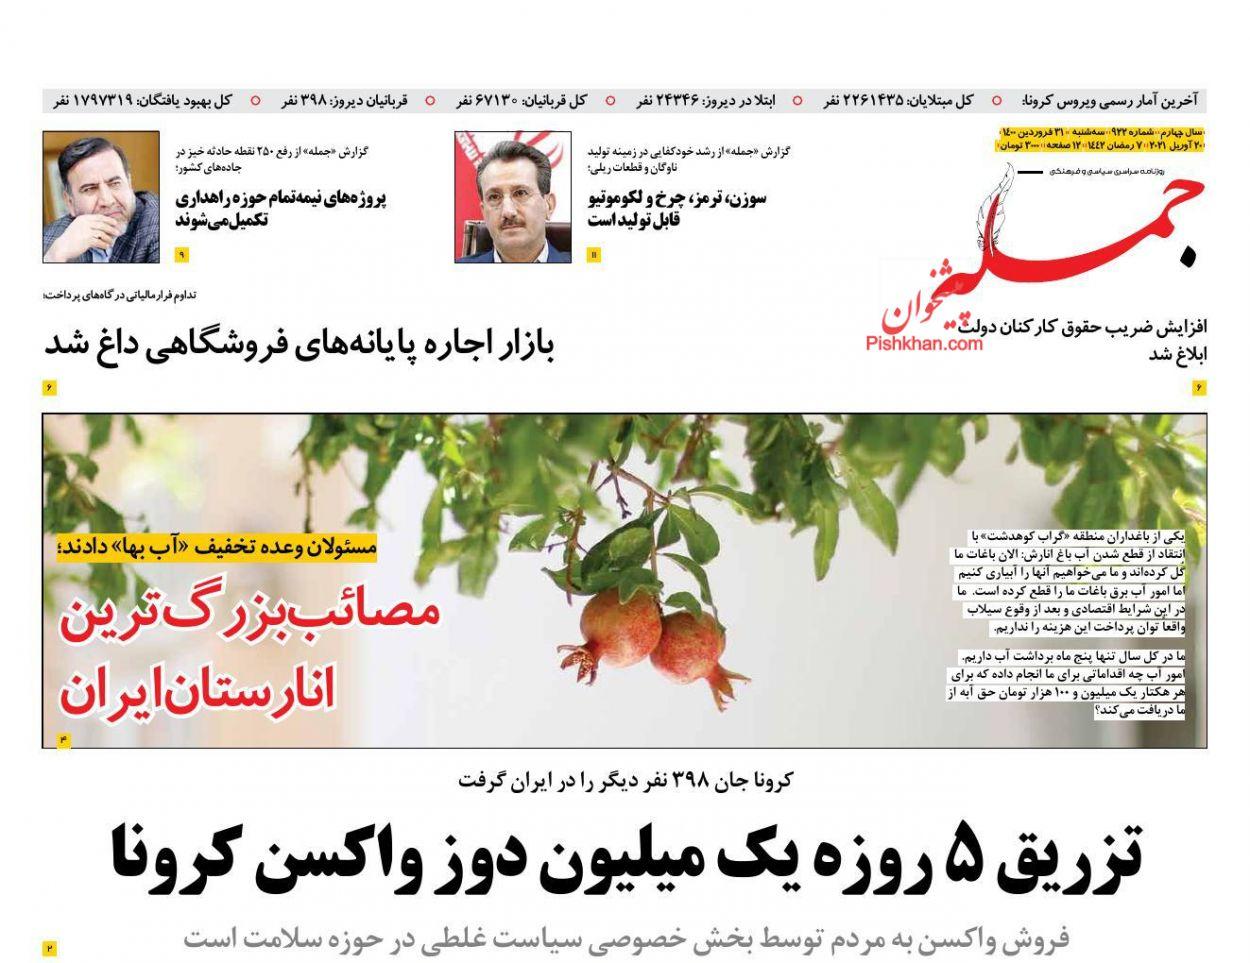 عناوین اخبار روزنامه جمله در روز سهشنبه ۳۱ فروردين